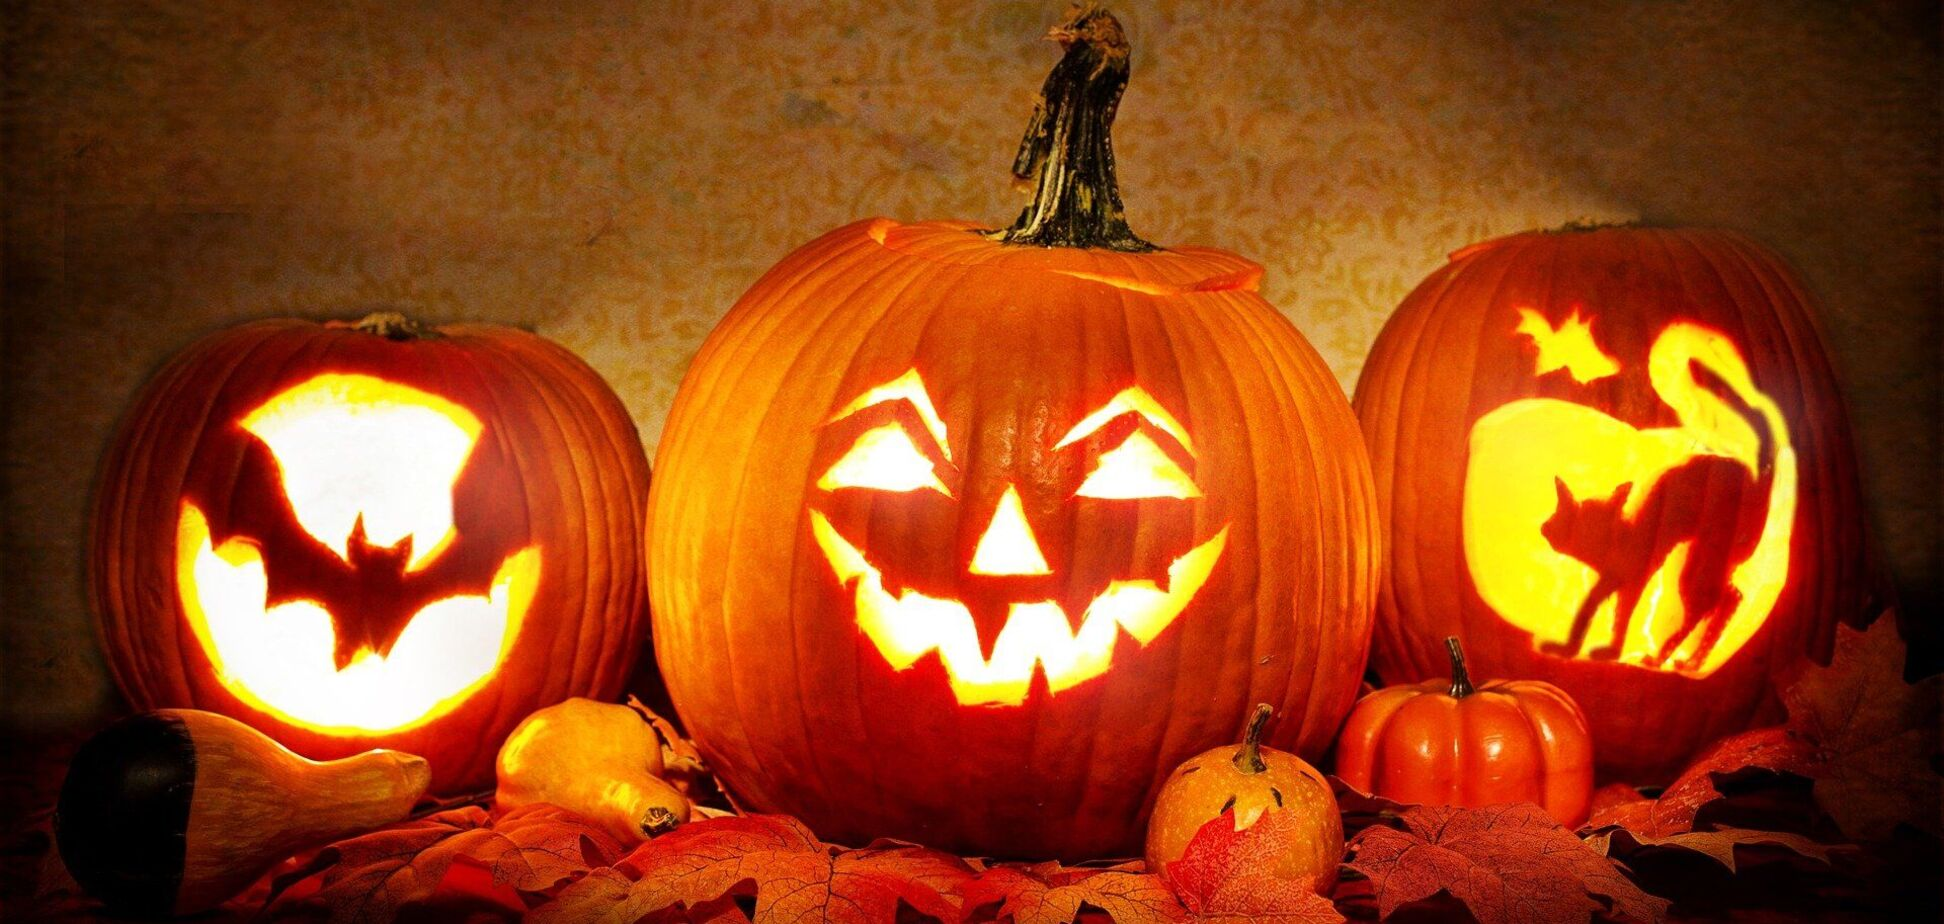 31 октября отмечают Хэллоуин и ряд других праздников